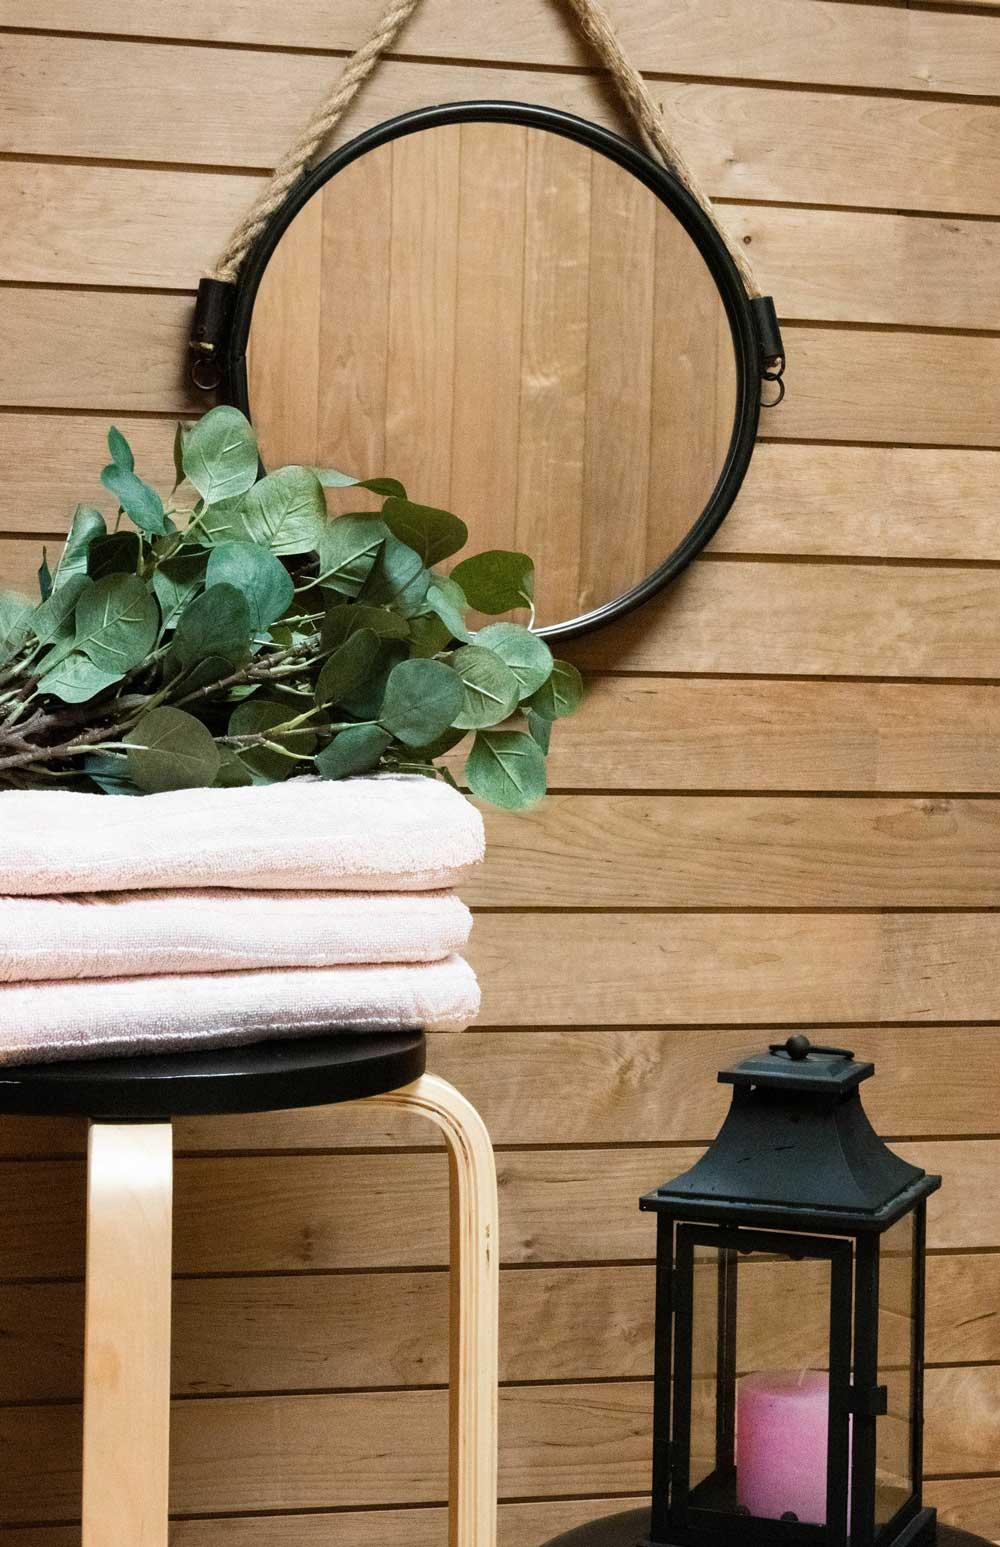 Aito puu on turvallinen ja terveellinen rakennusmateriaali verrattuna esimerkiksi käsiteltyyn puuhun. Lämpökäsittelyssä käytetään vain lämpöä ja vesihöyryä, eikä lainkaan kemikaaleja. Näin ei myöskään synny päästöjä luontoon, ja rakennusmateriaalina käytettävä puhdas puu takaa terveellisen hengitysilman.